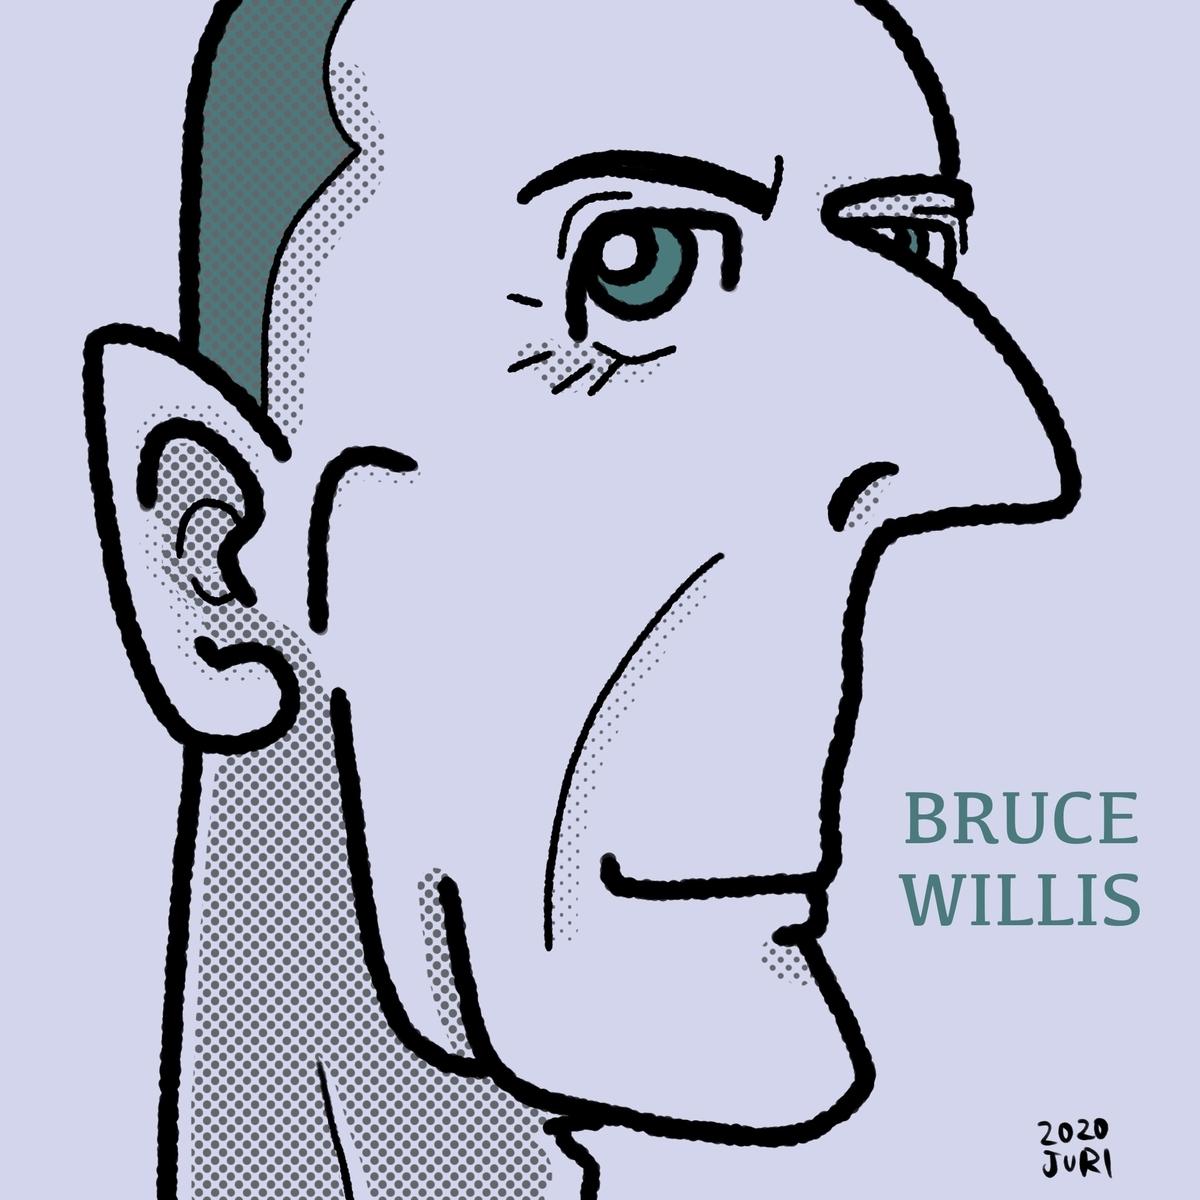 ブルースウィルスの似顔絵